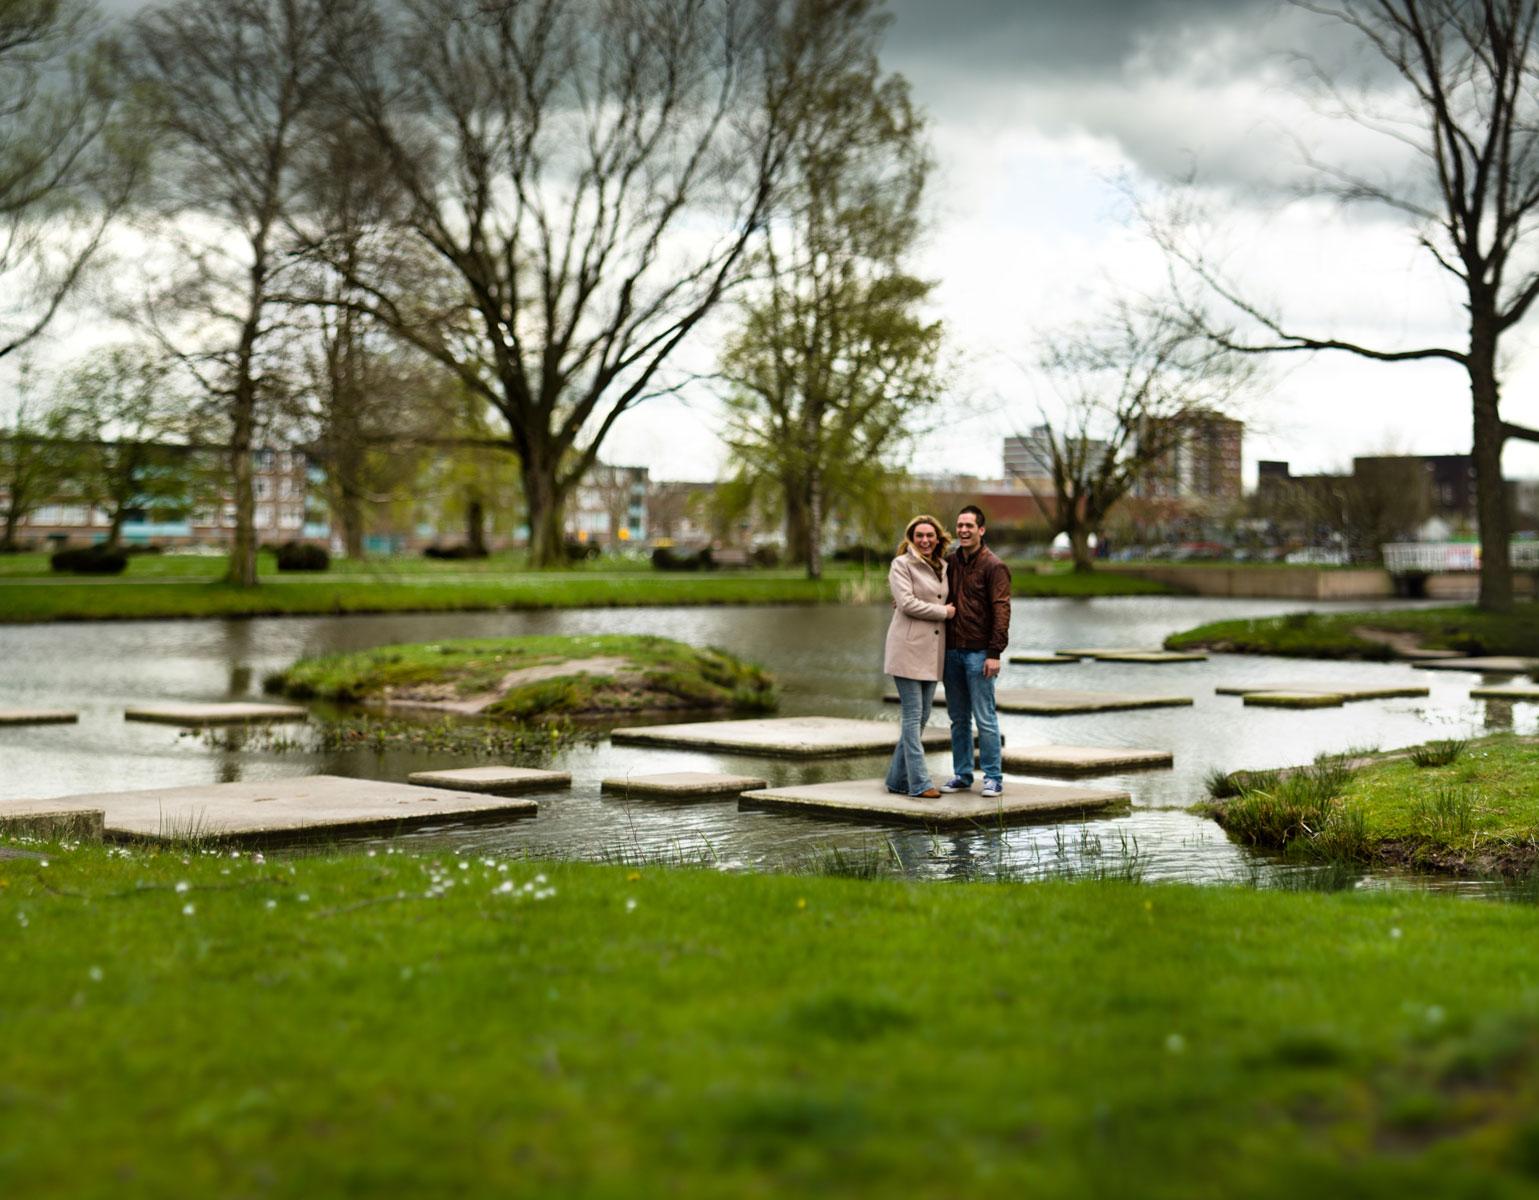 koppel fotoshoot door Jeffrey Wakanno in het thalenpark te drachten